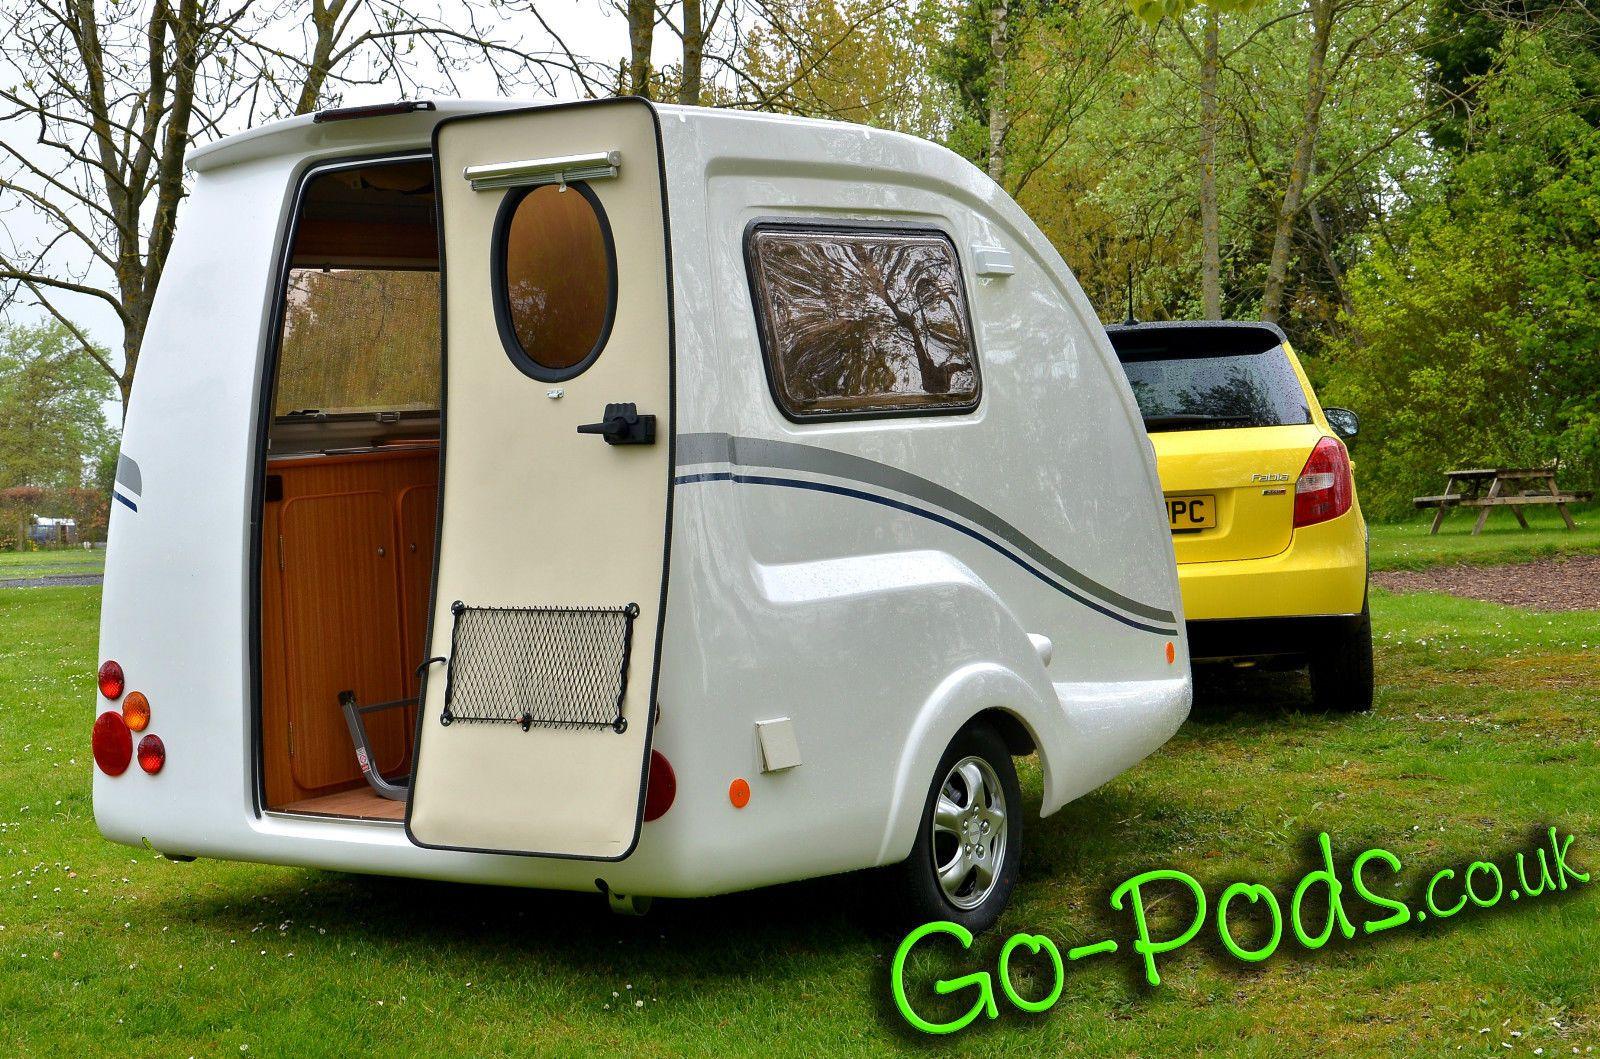 Go Pods Going Ii Cockpit S Caravan 2 Berth Micro Tourer